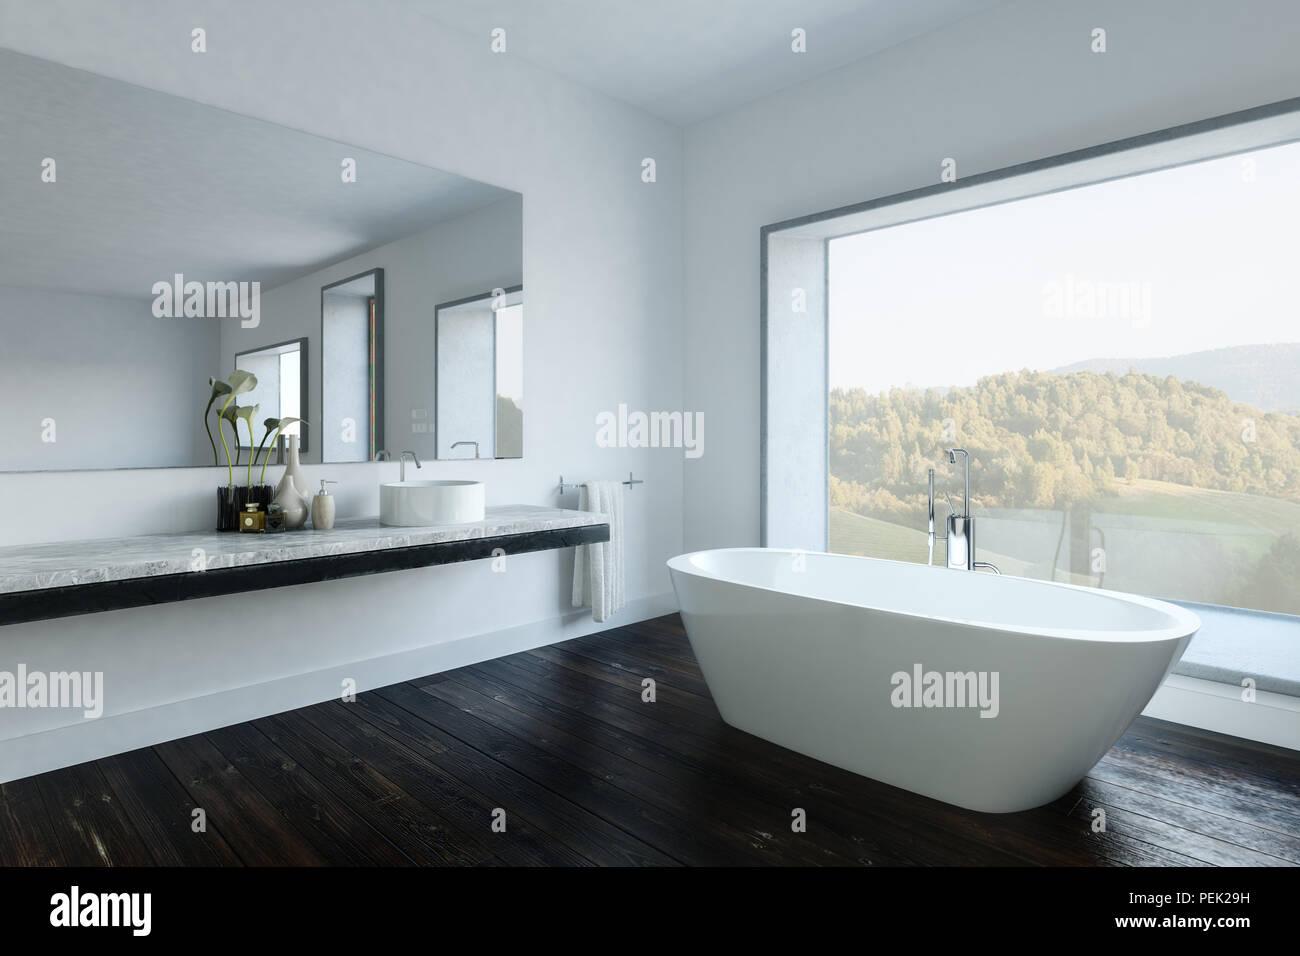 Cuarto de baño moderno con bañera blanca por un gran espejo sobre la ...